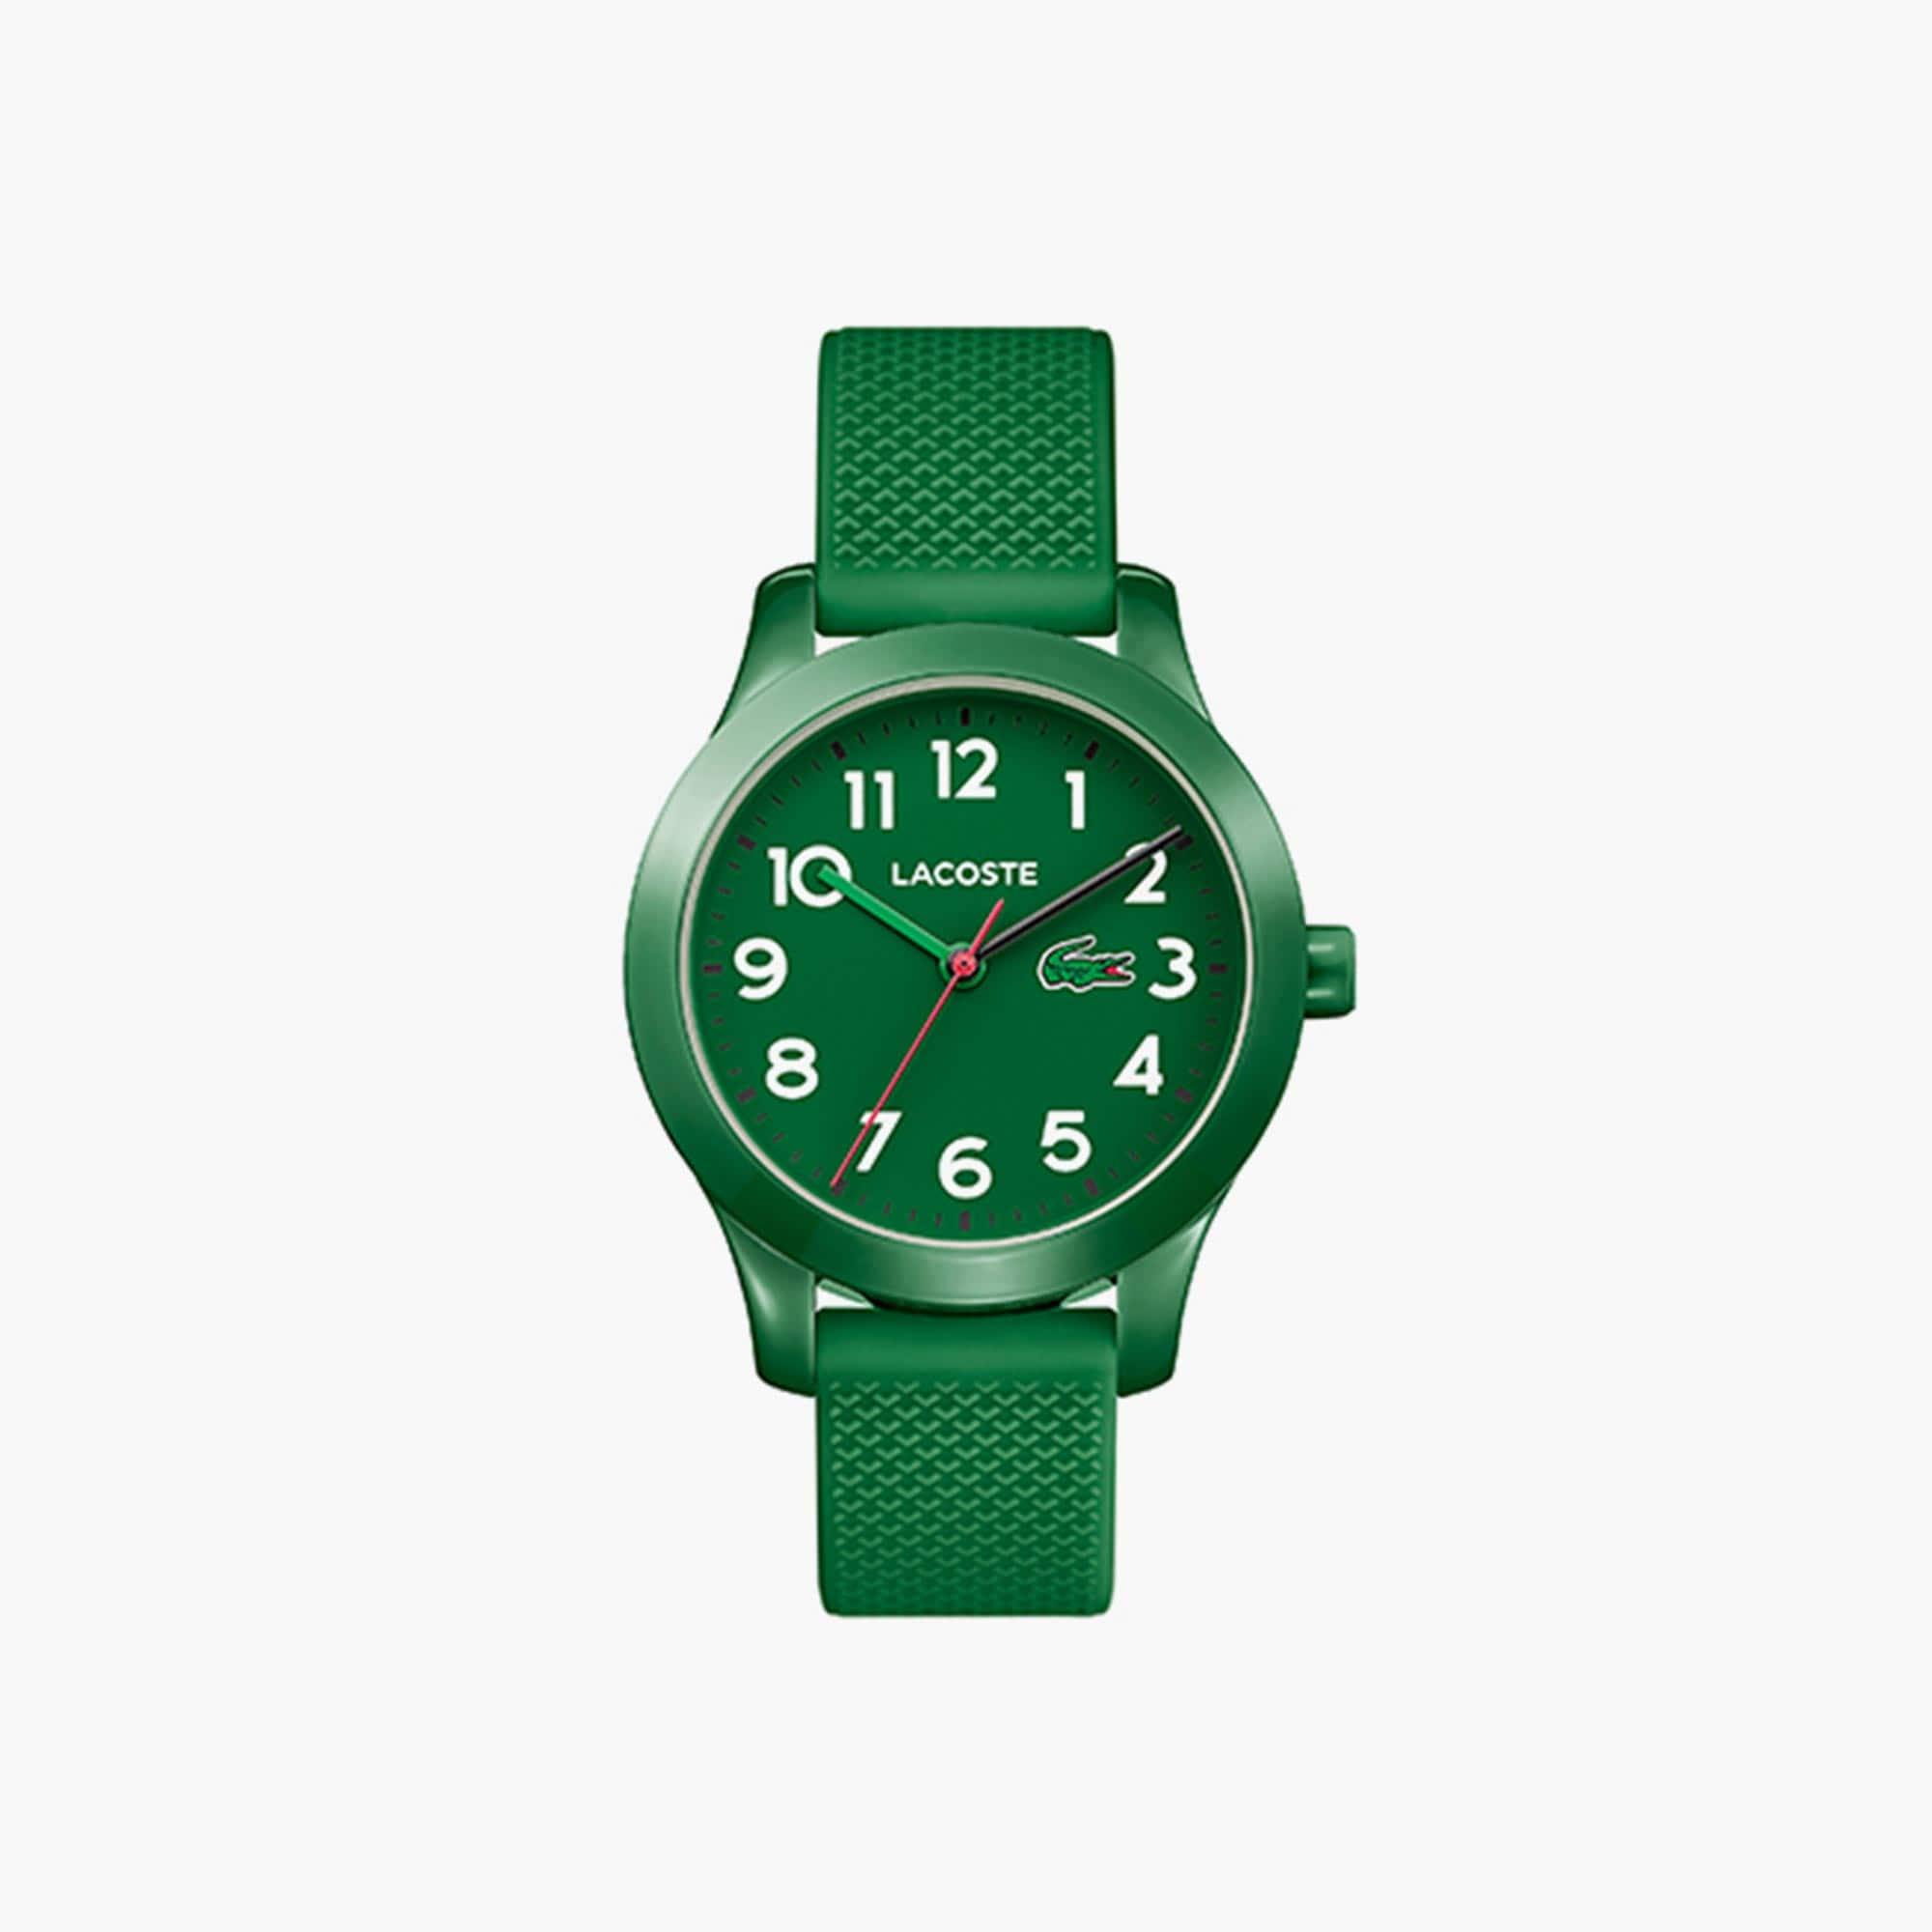 Montre Lacoste.12.12 Enfant avec Bracelet en Silicone Vert